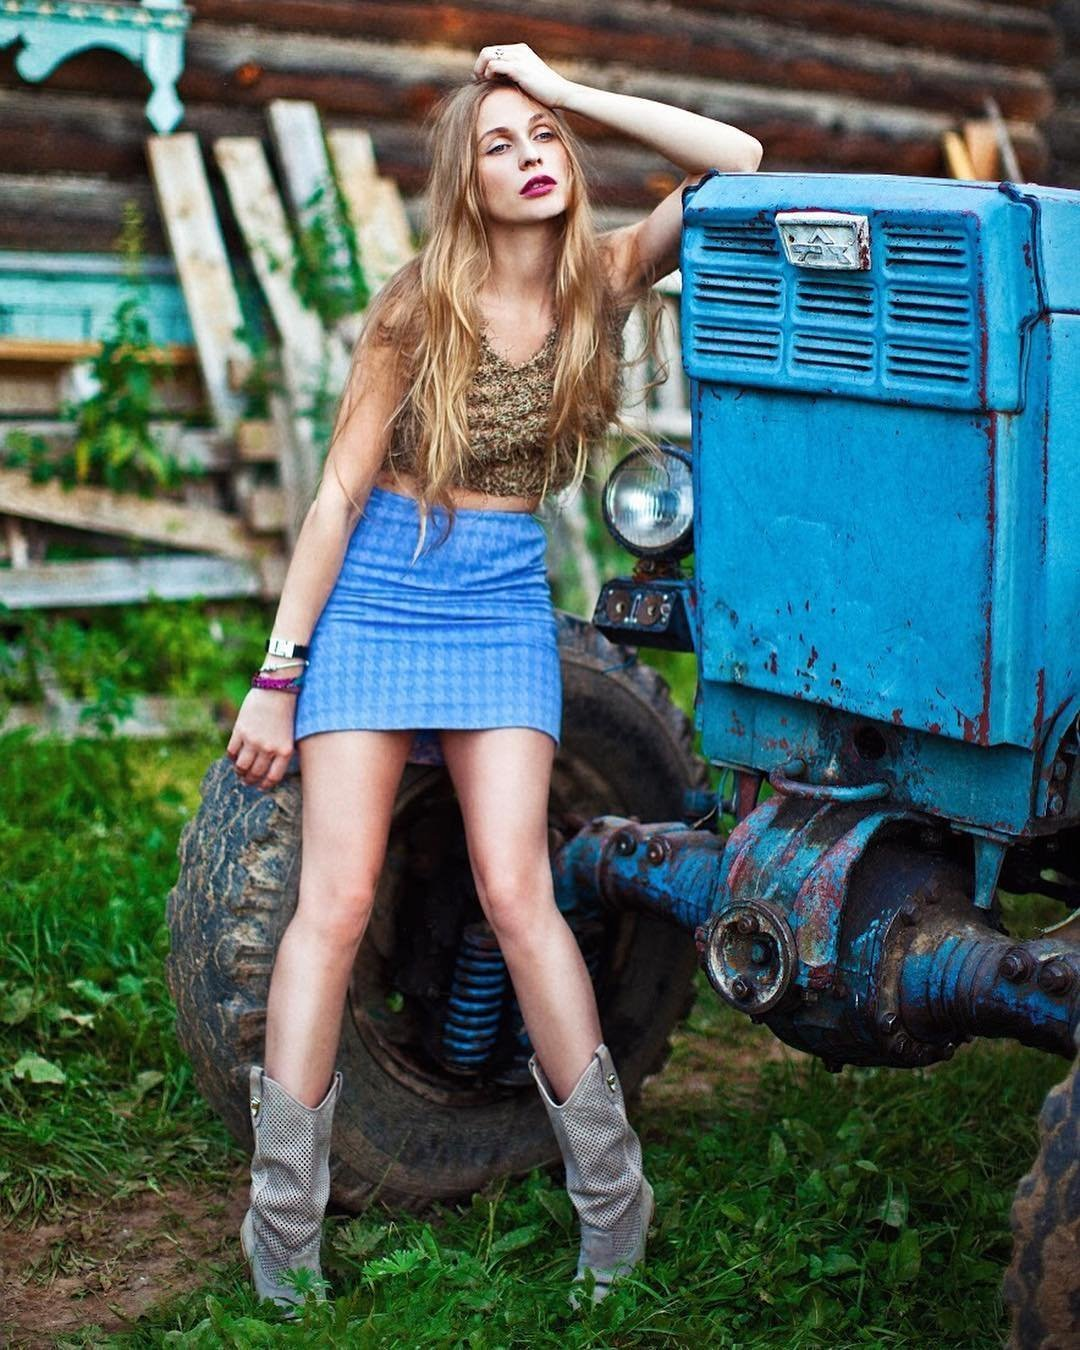 продолжалась девушки и трактор фото желании можно